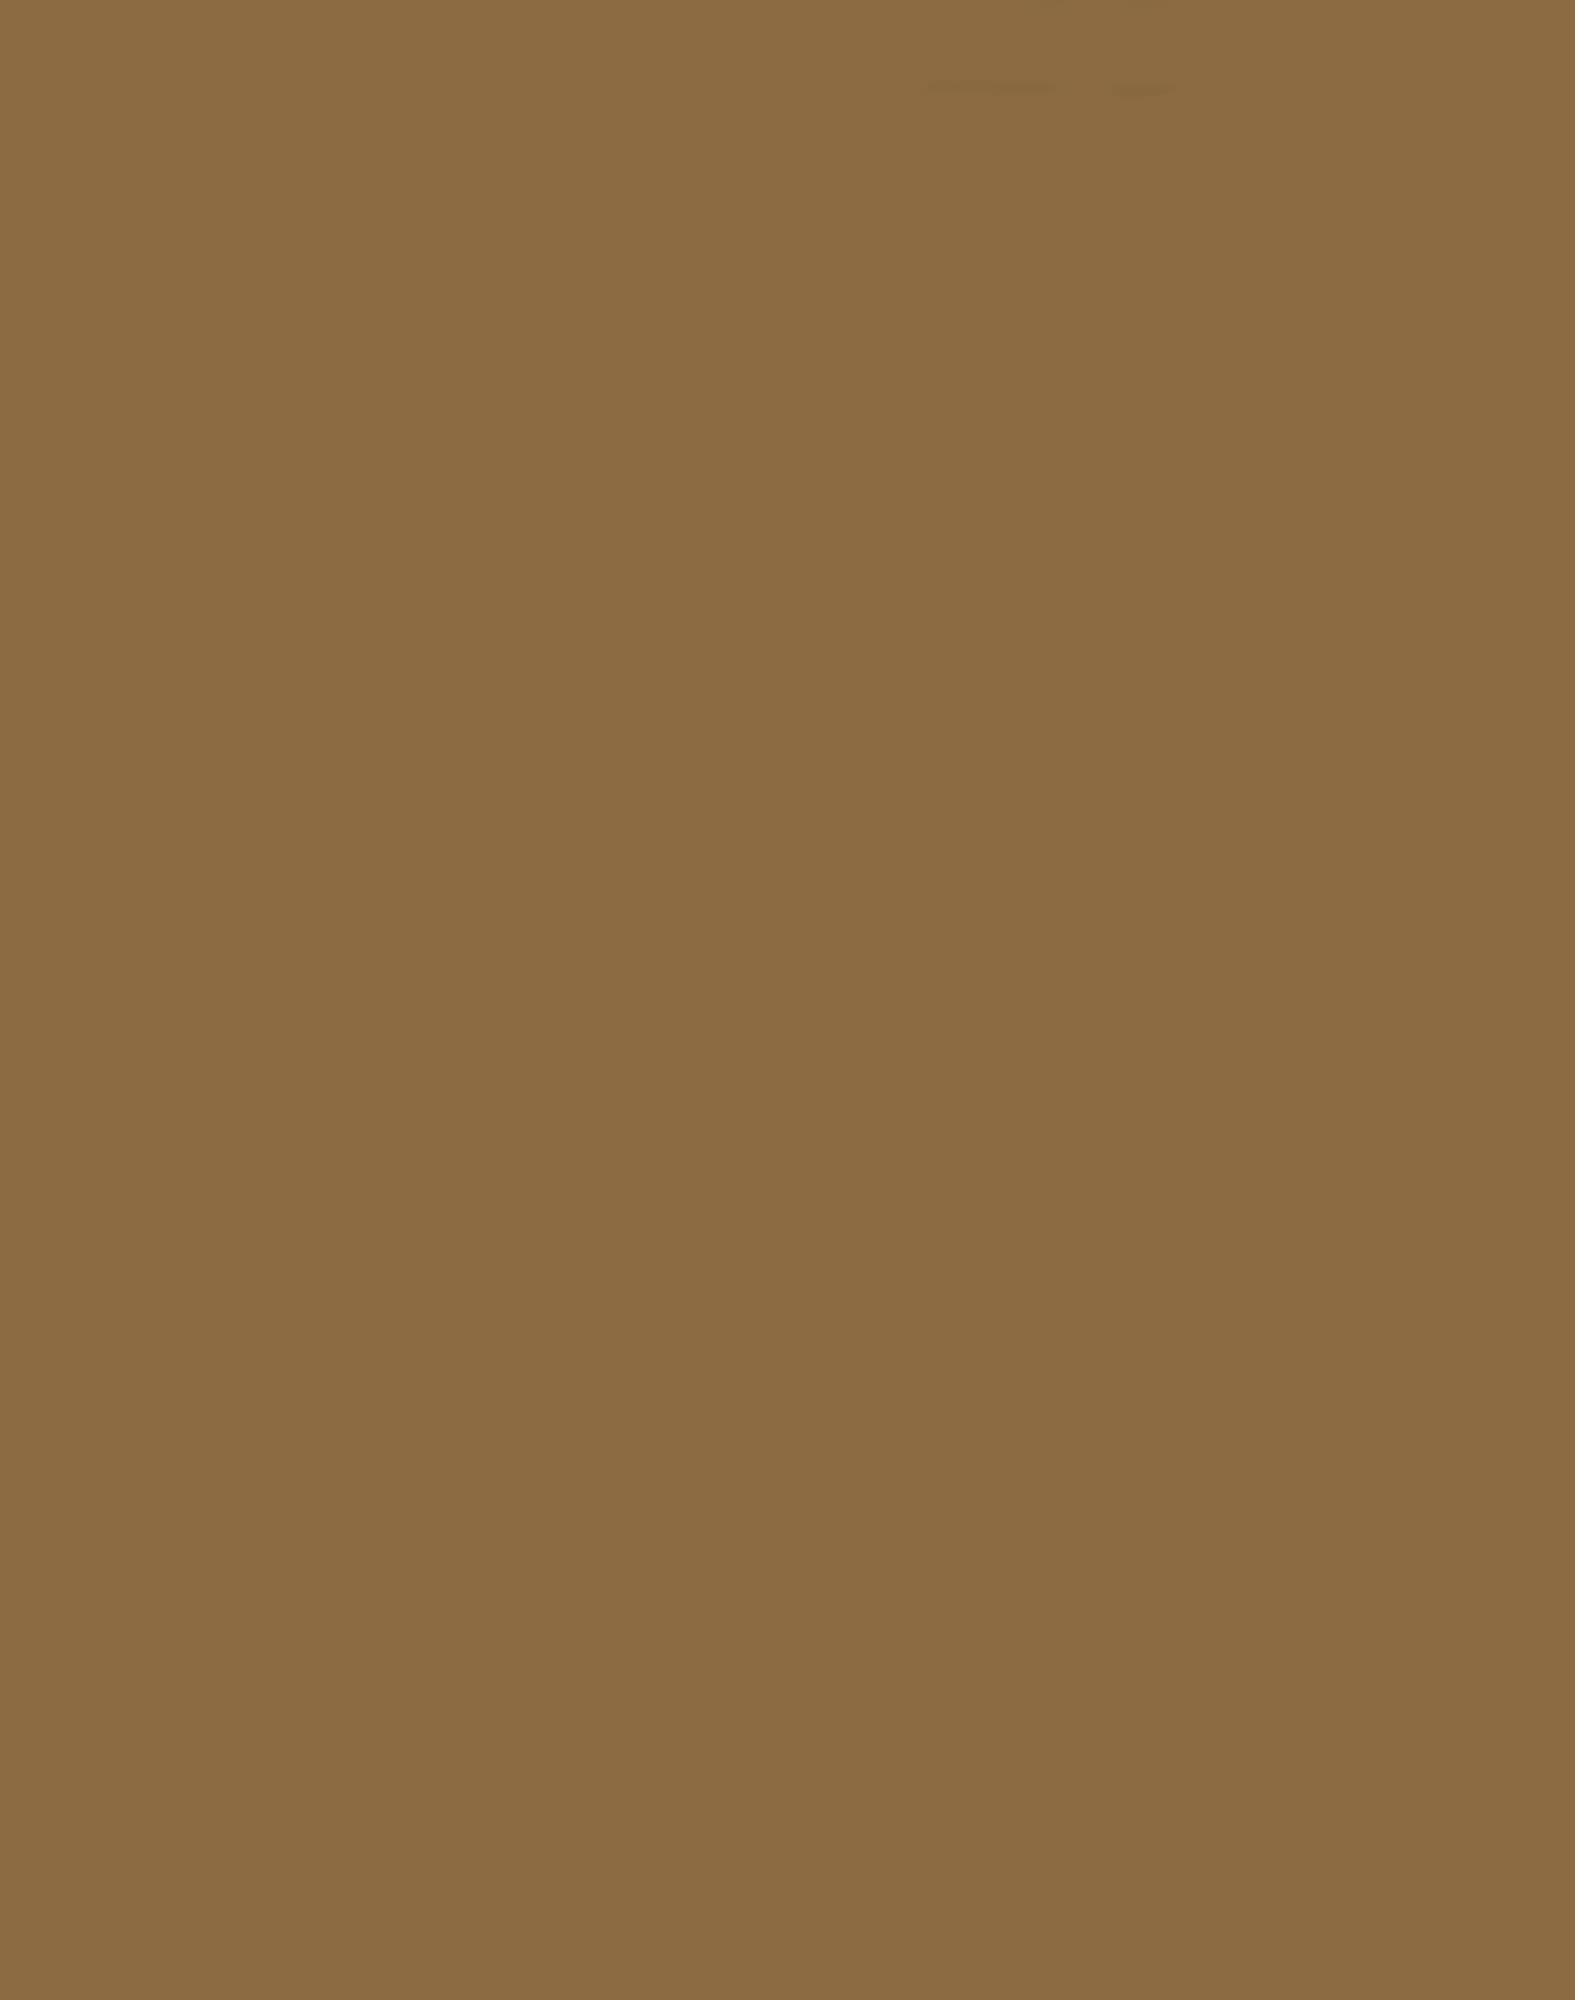 (Woodcare) Pine 140, 107, 66